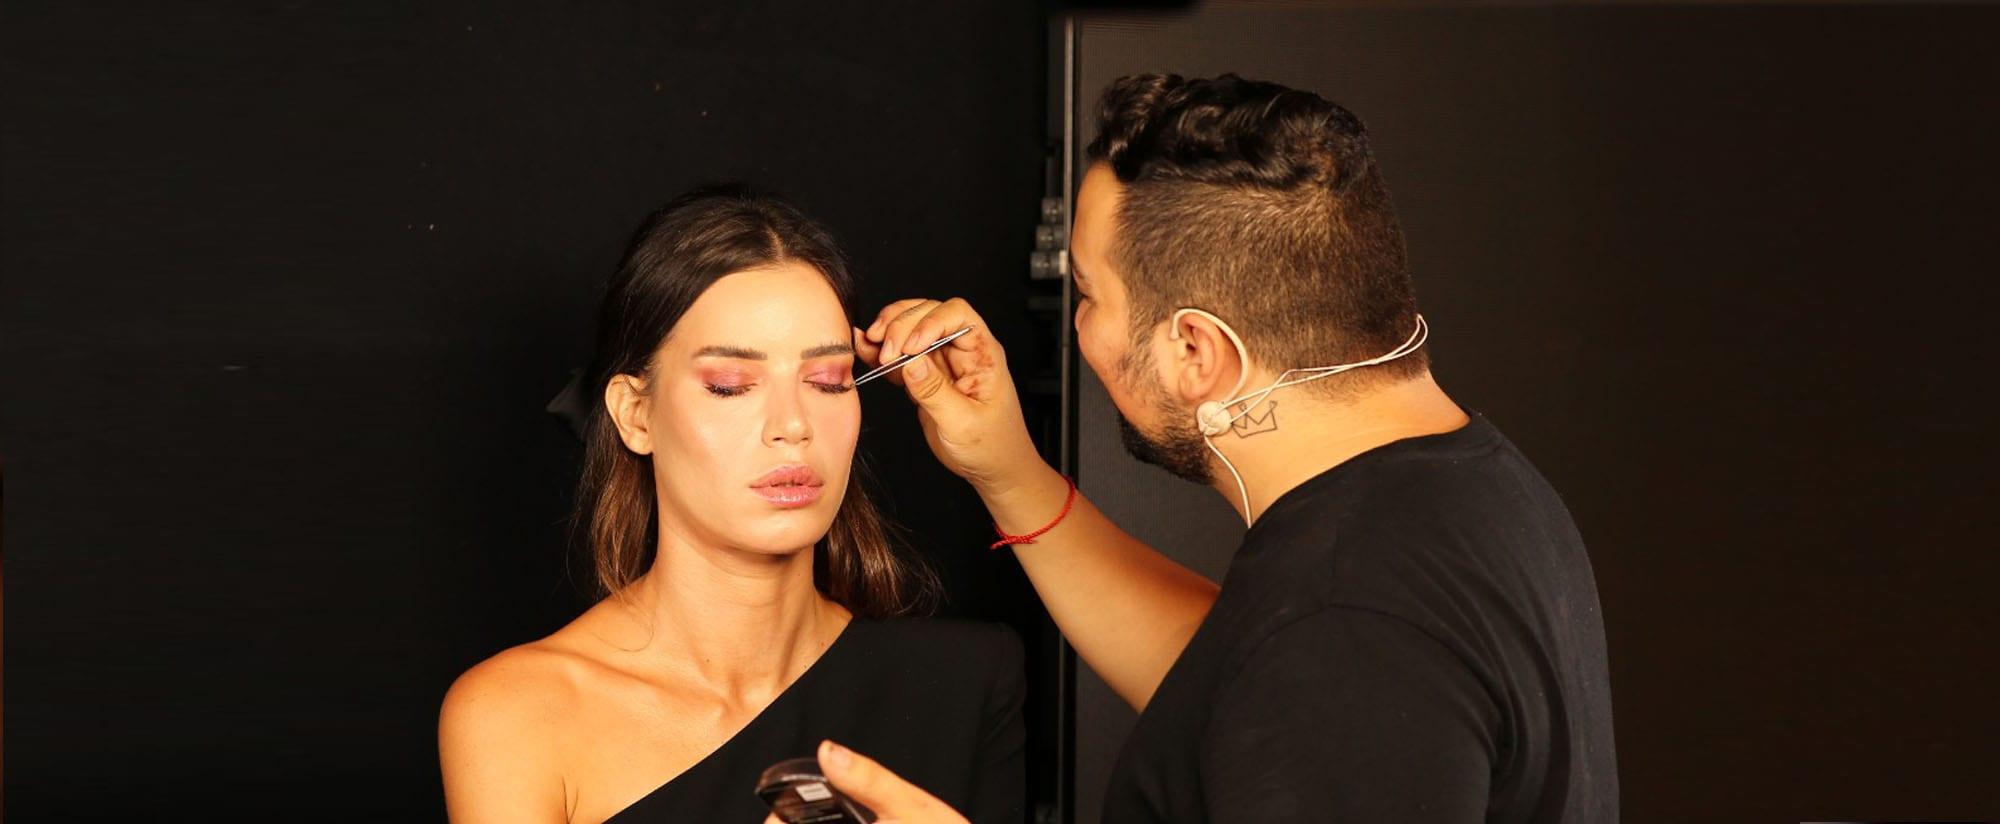 גילי אלגבי, נטלי דדון - Fashion Israel - 2020 חדשות אופנה 2020, כתבות אופנה 2020, טרנדים 2020, מגזין אופנה ישראלי, אופנה -